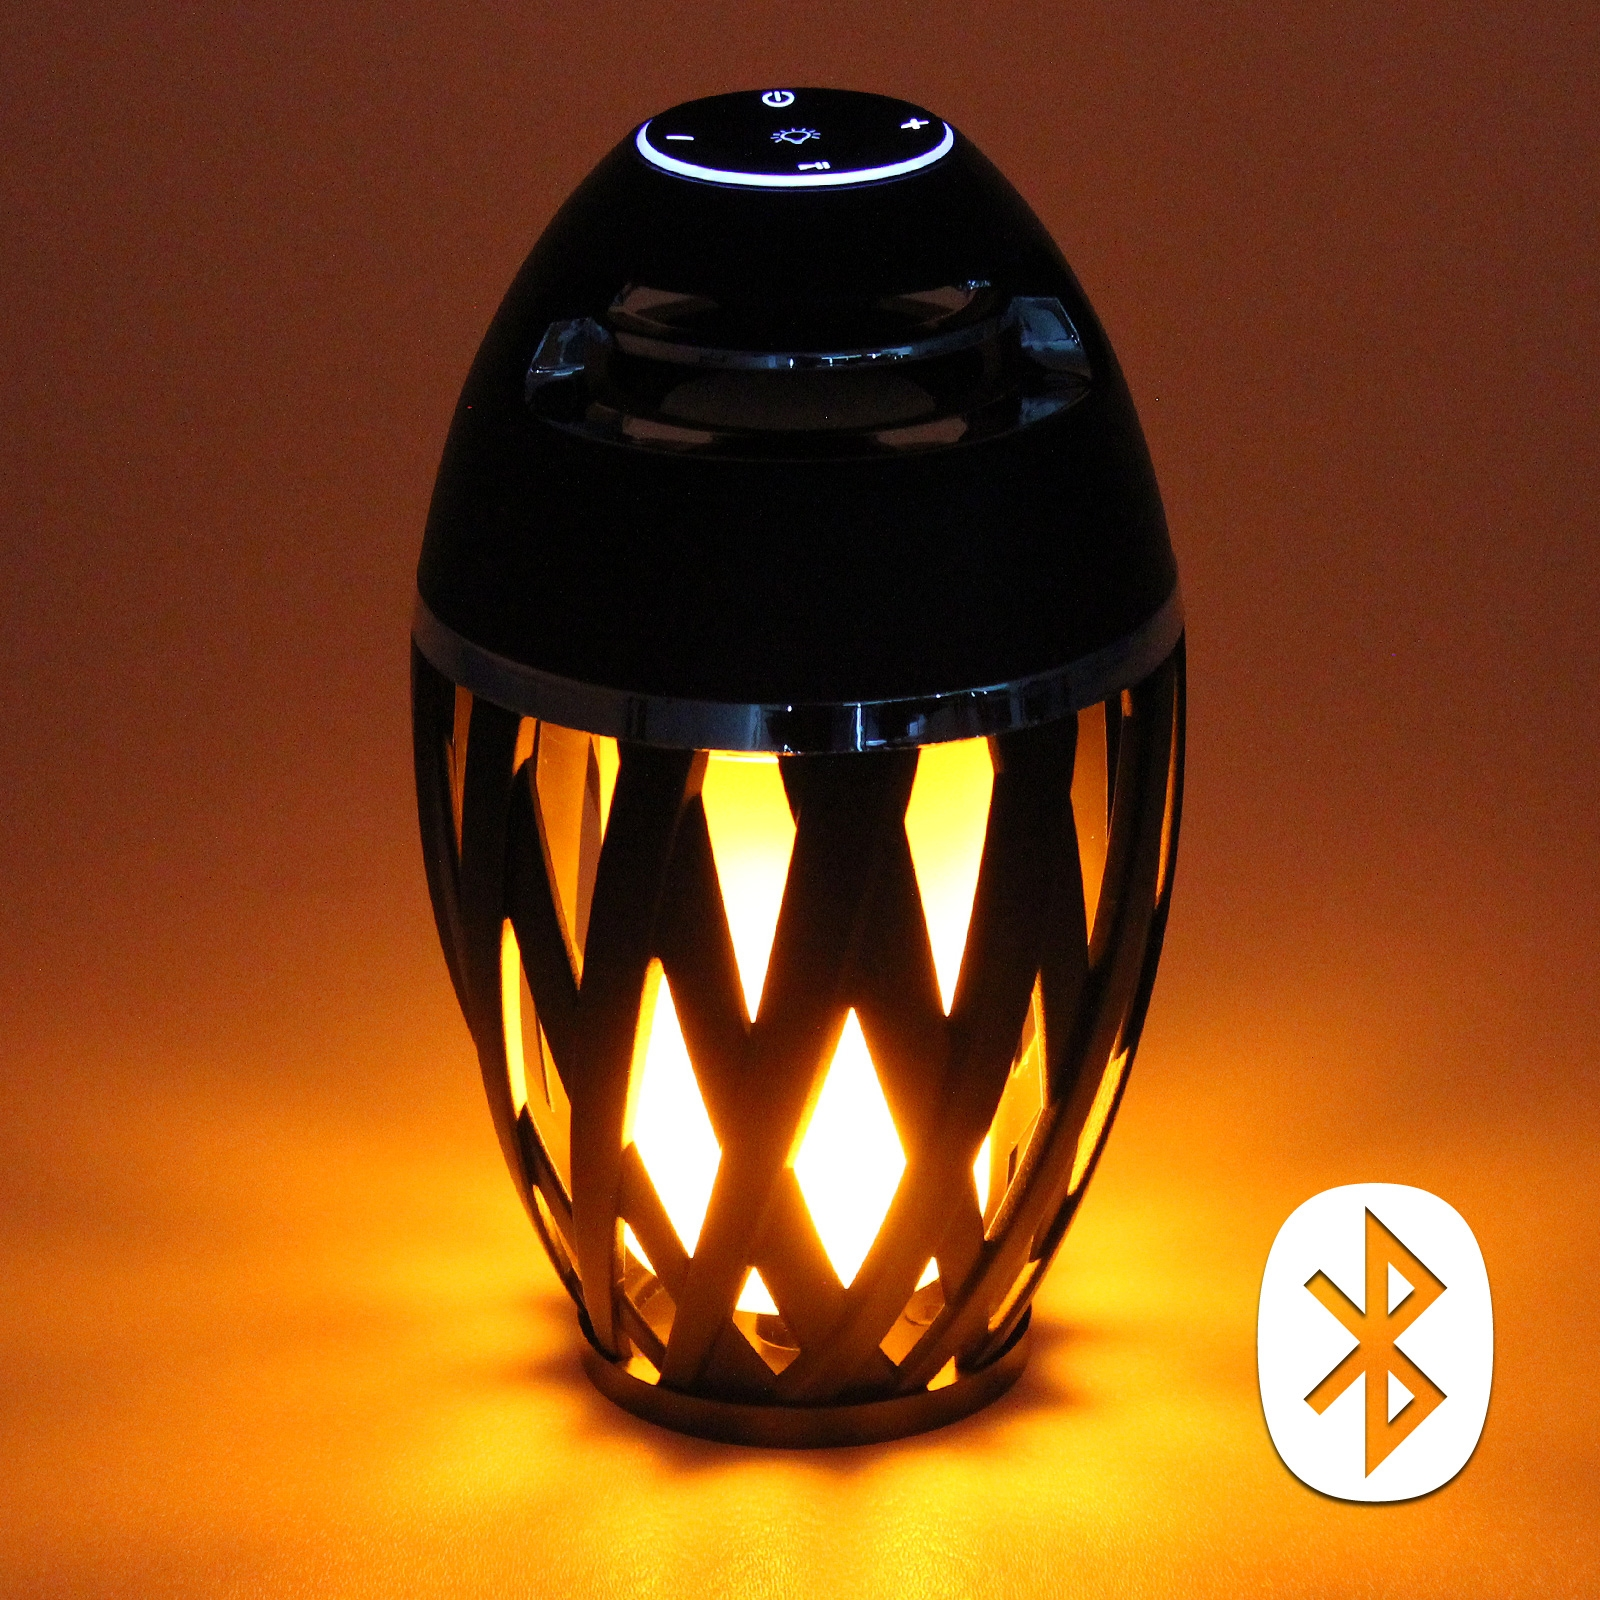 Led Flame Effect Speaker